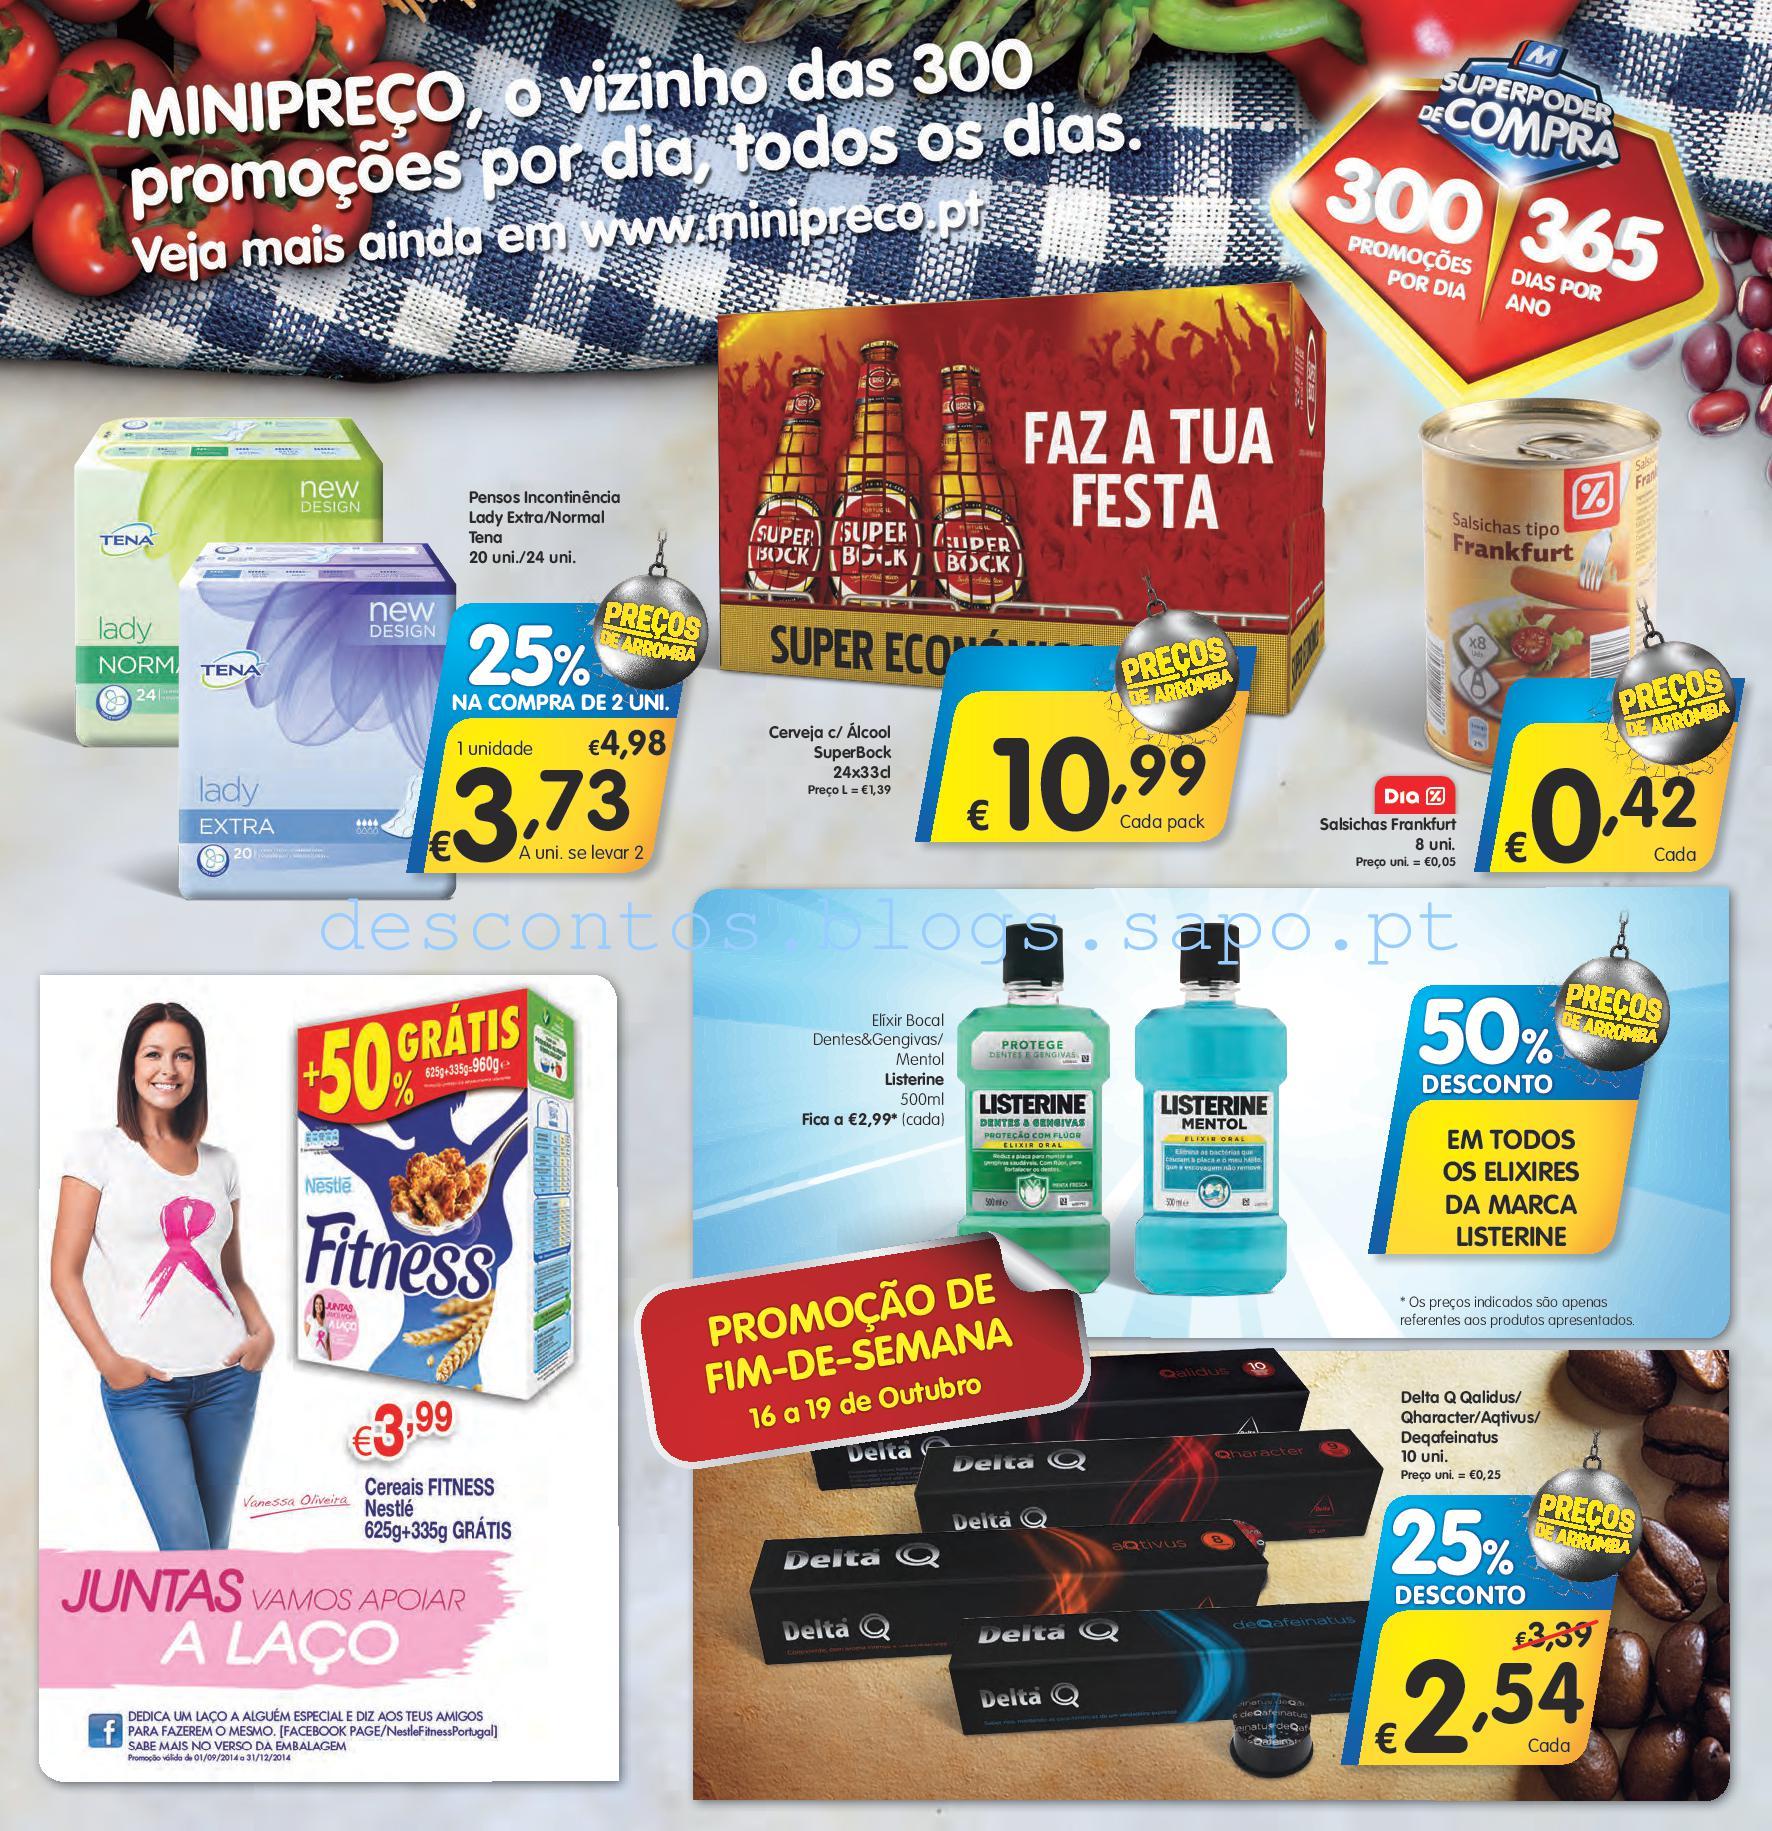 MINIPREÇO FOLHETO 16-22OUT_v2-001-012.jpg